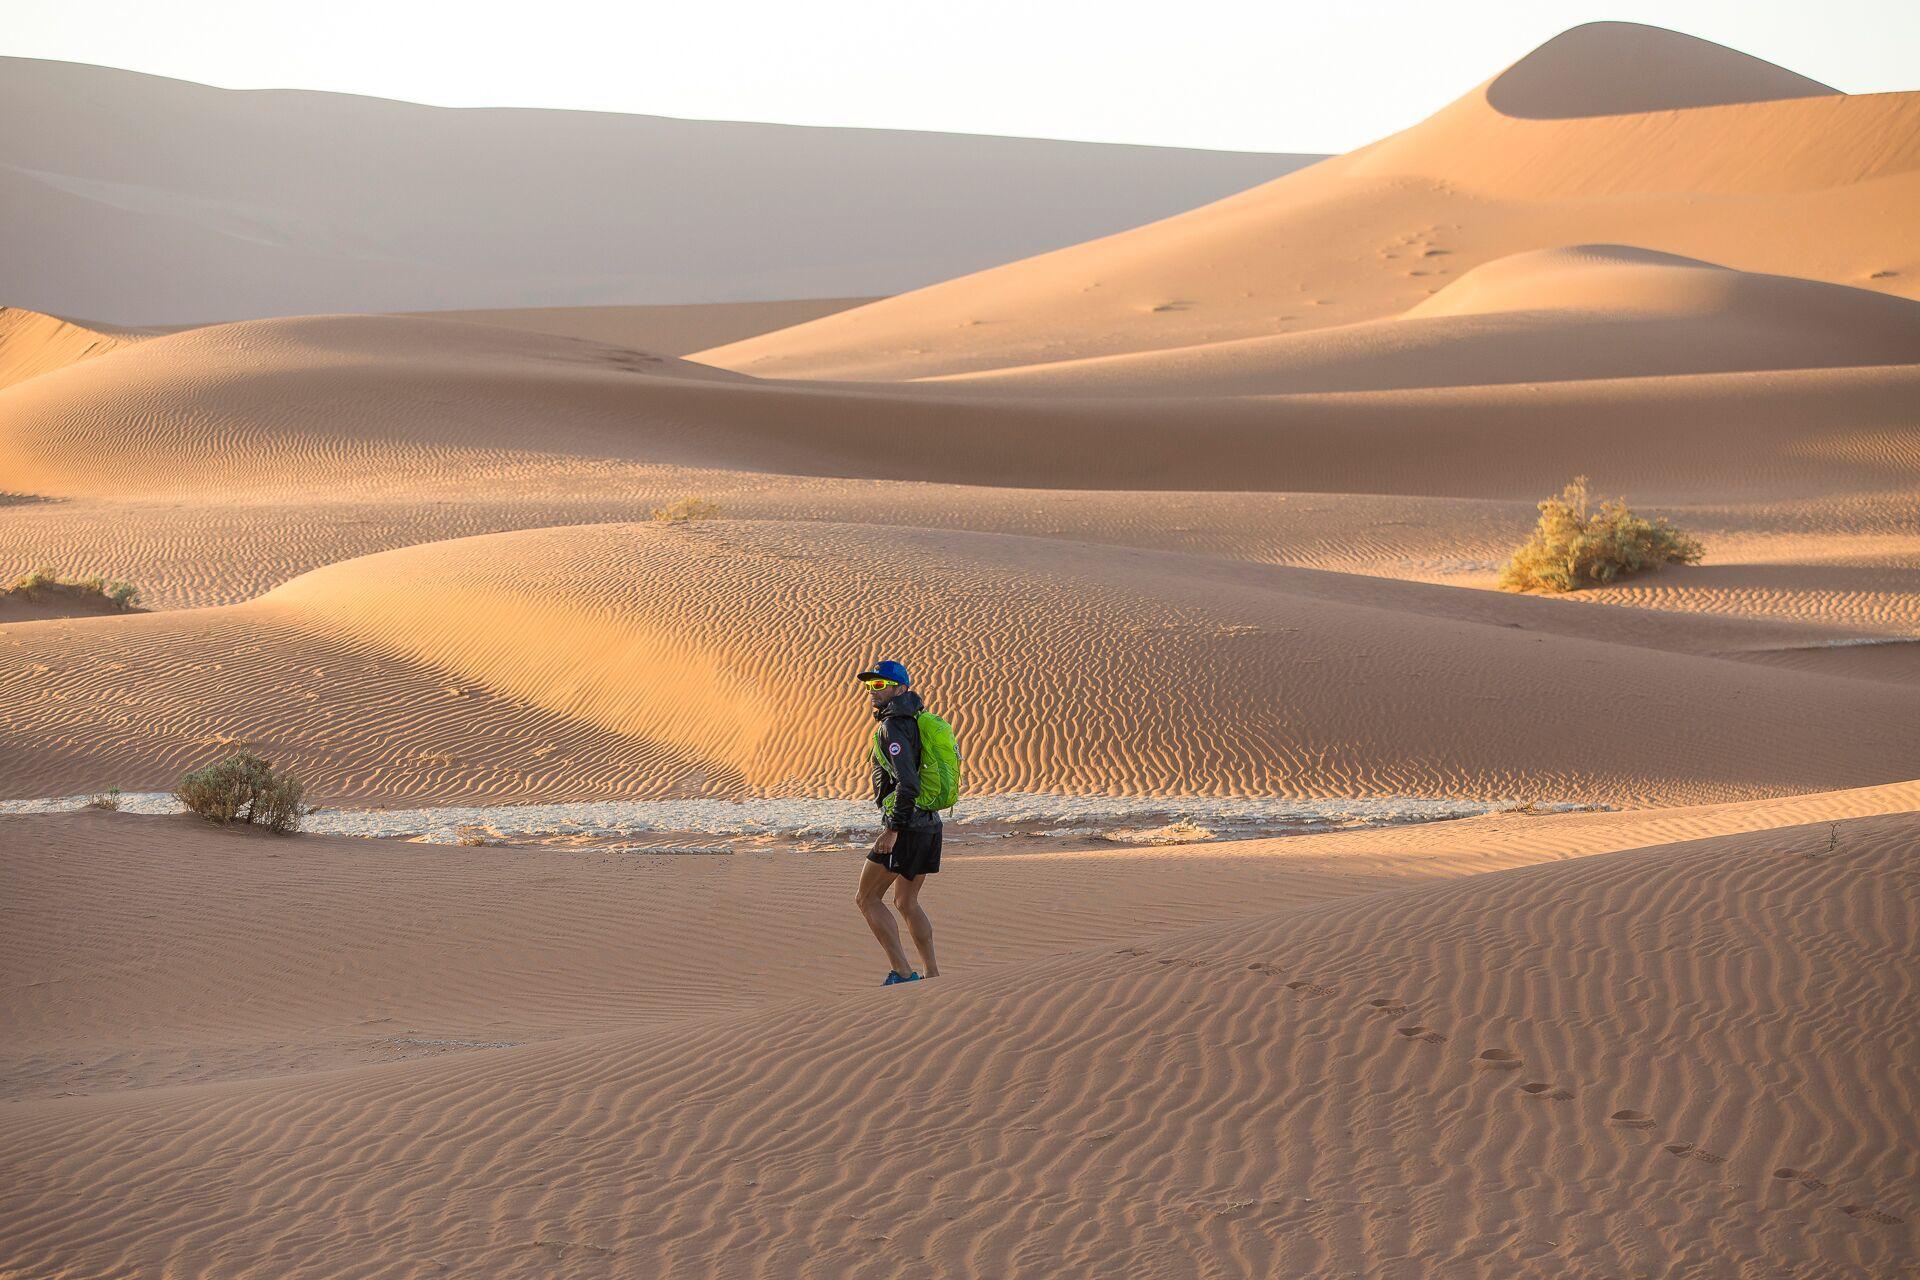 Ray dans le désert du Sahara